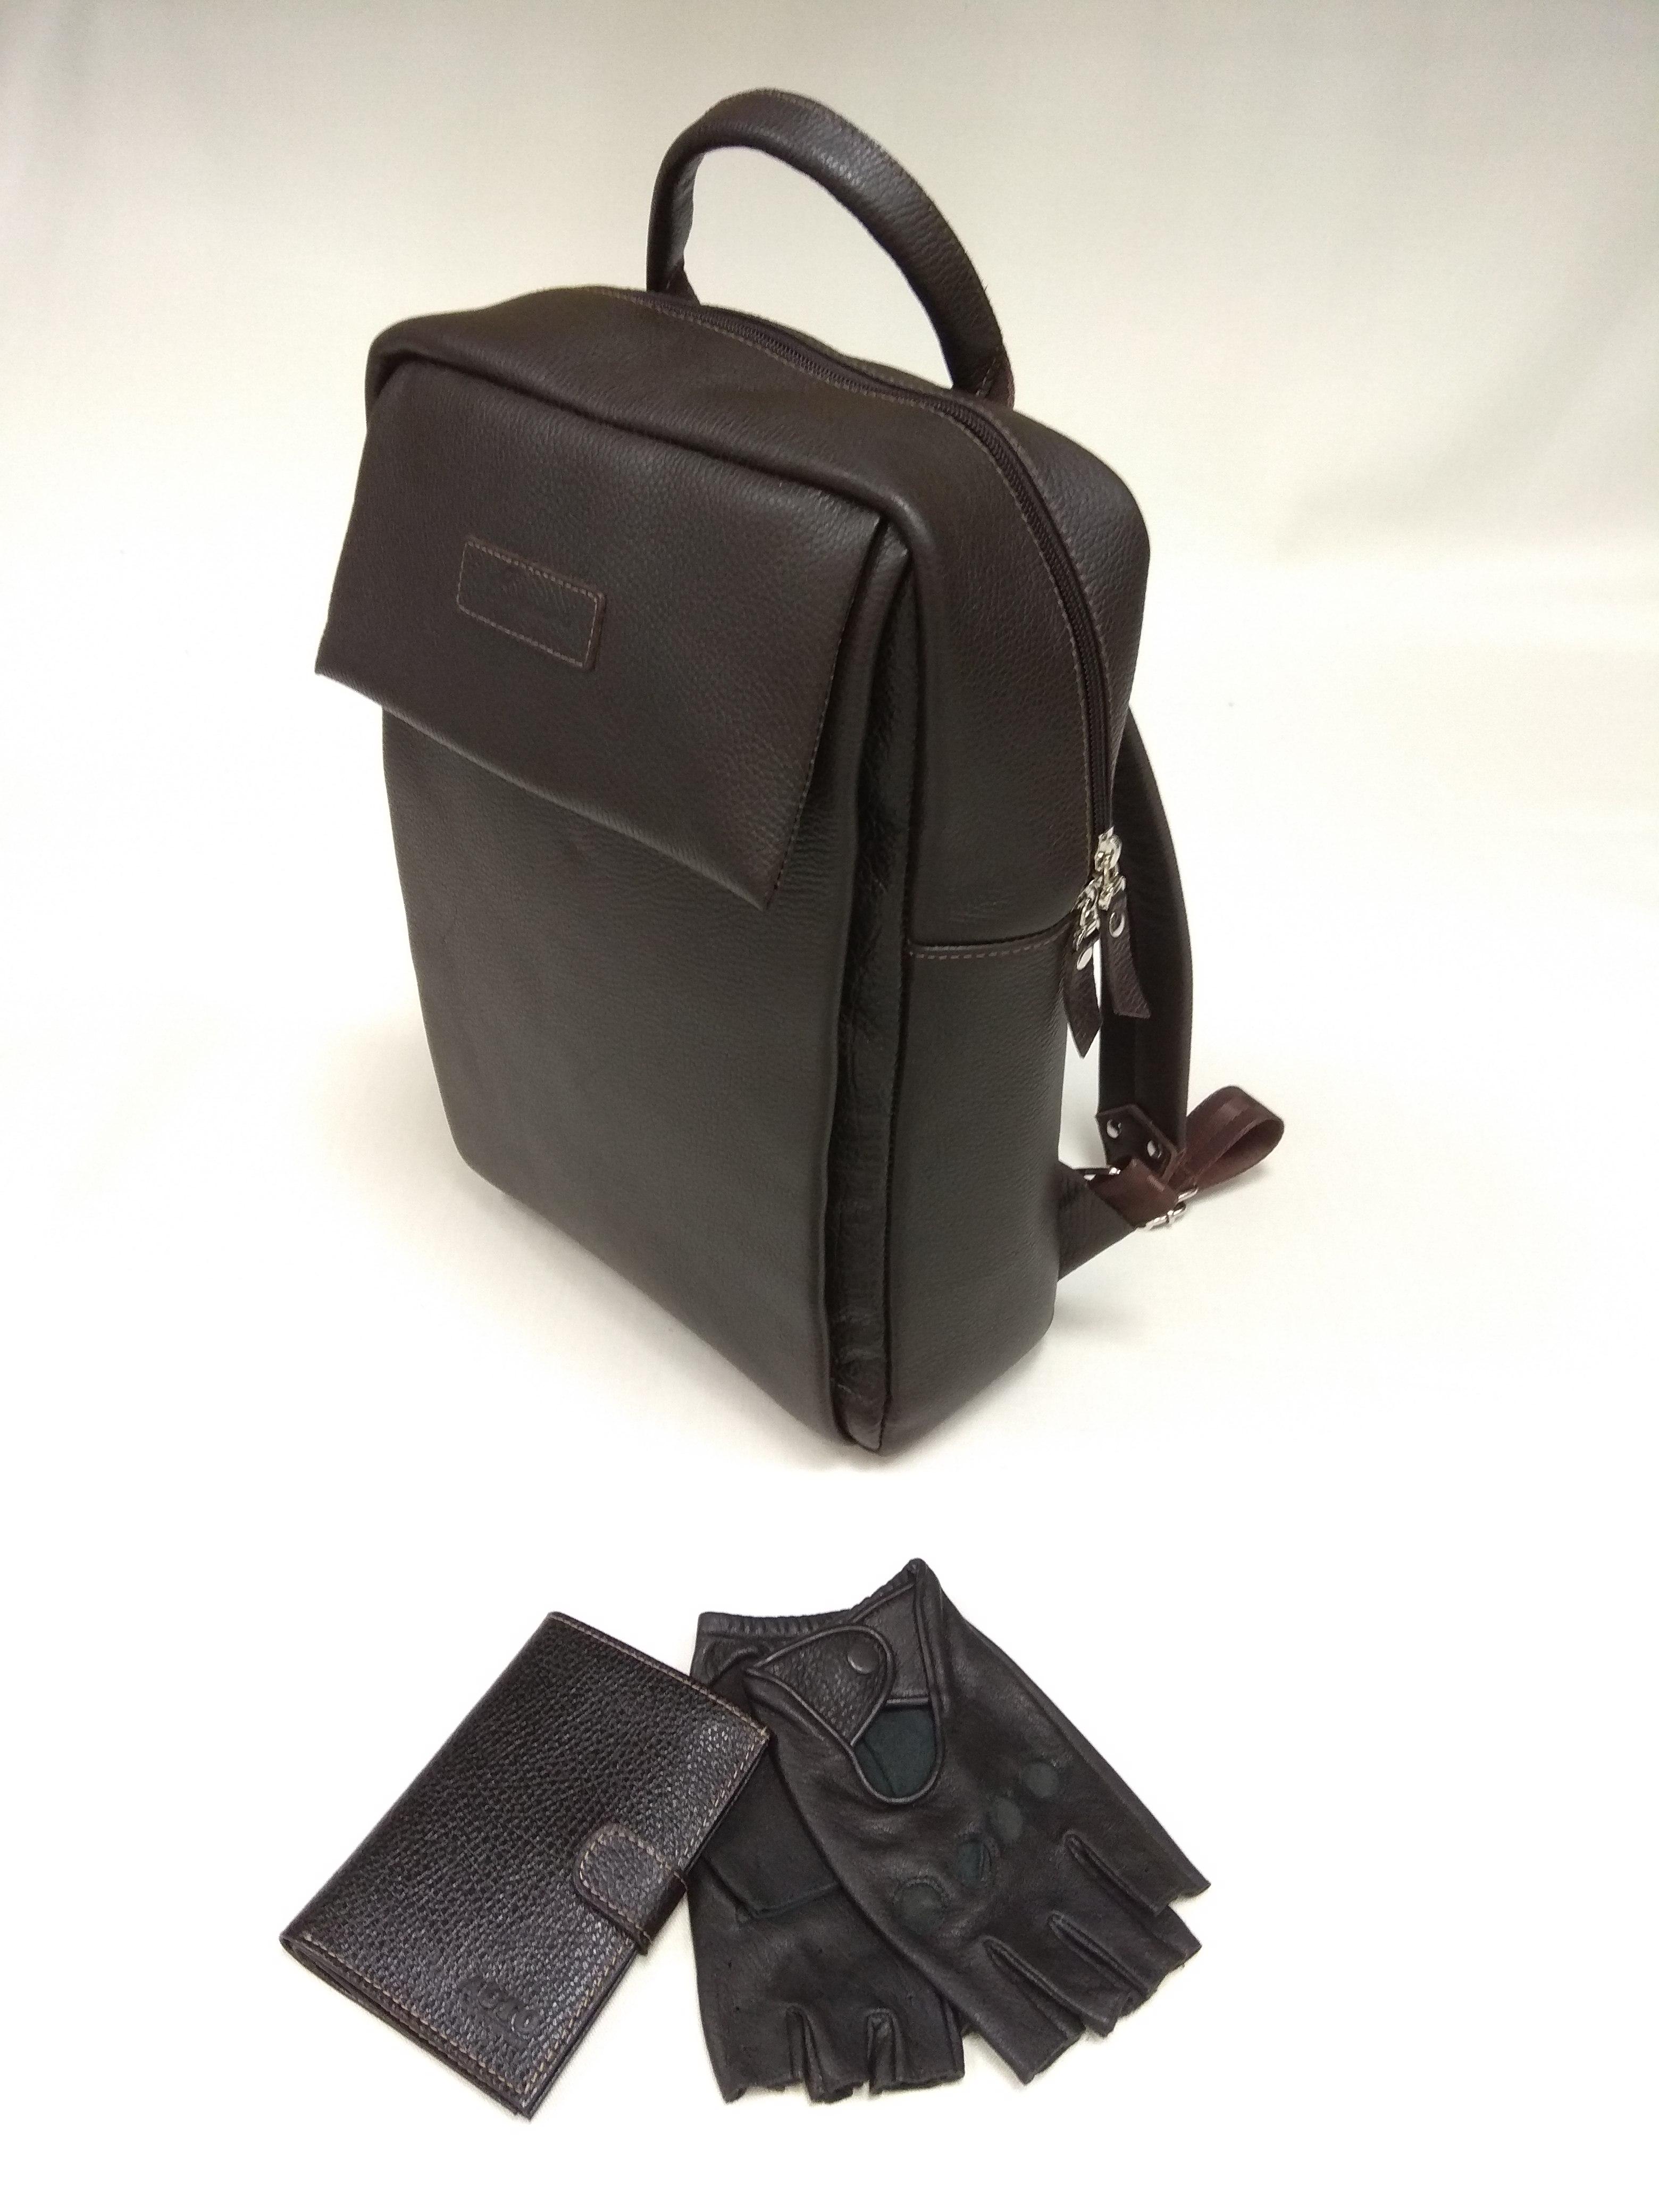 27206 Мужской рюкзак из натуральной кожи, обложка для автодокументов с отделением для денег и перчатки водителя из натуральной кожи (олень)